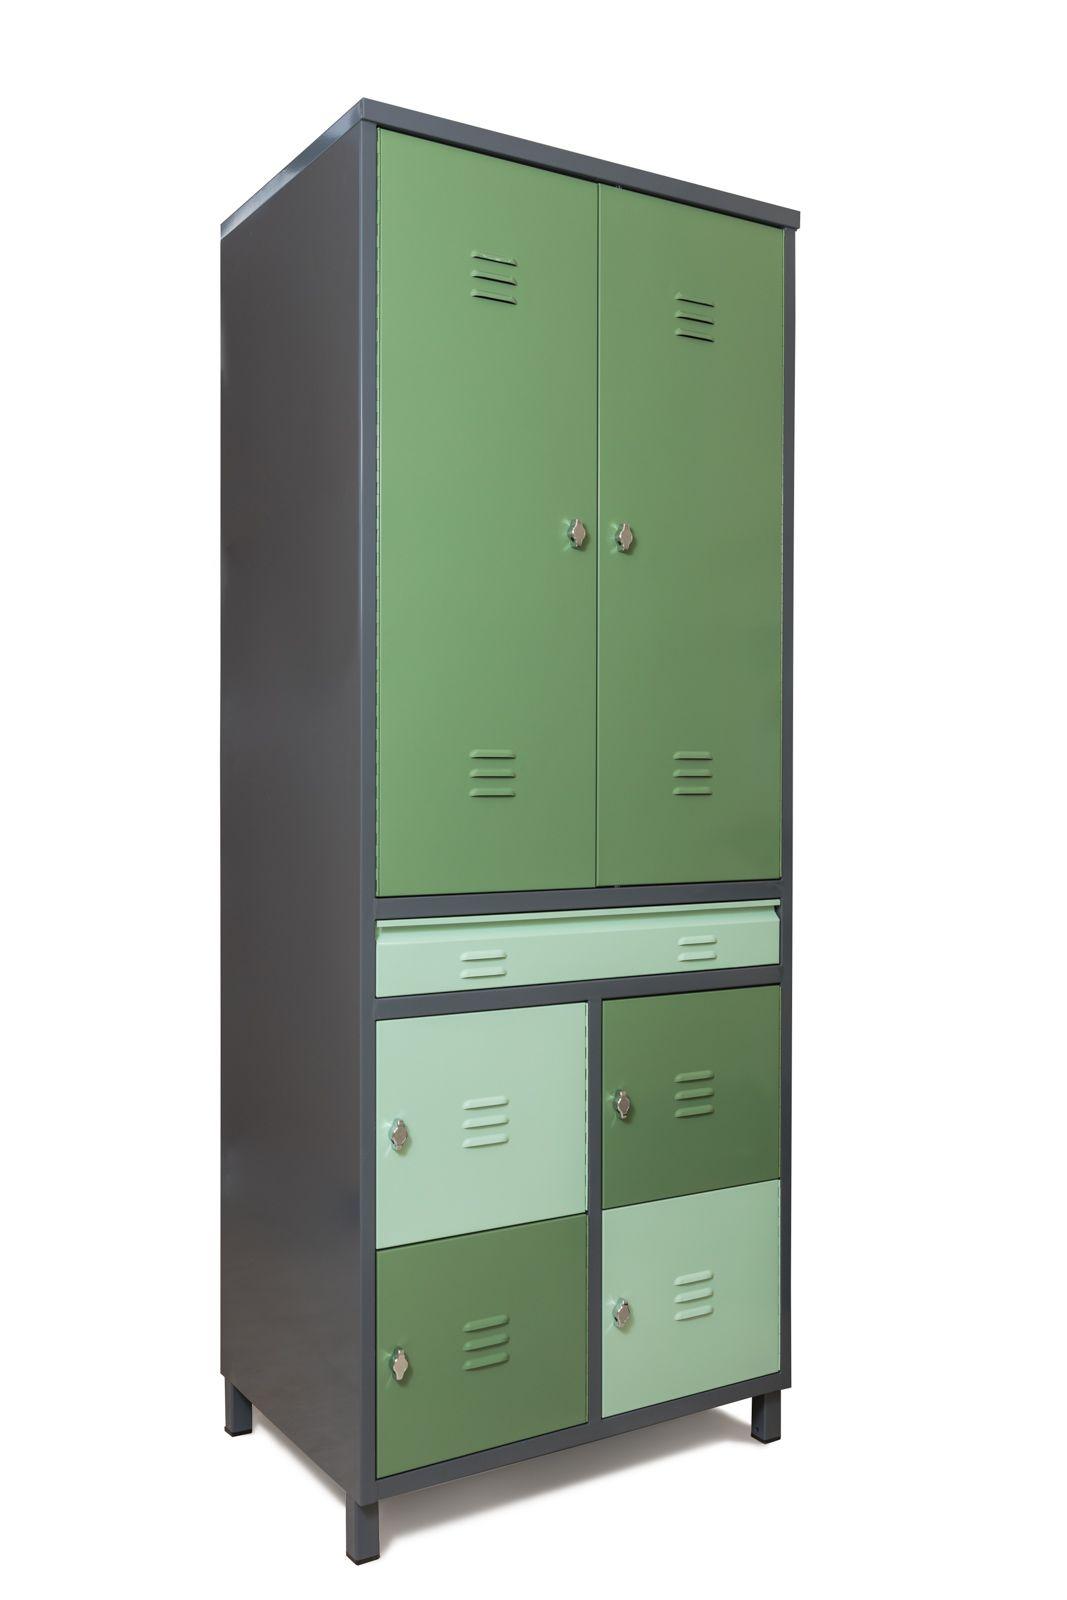 מרענן צ'אפלין - ארון 6 דלתות וחמש מגירות עם ווי תלייה ארון כלי עבודה OR-64